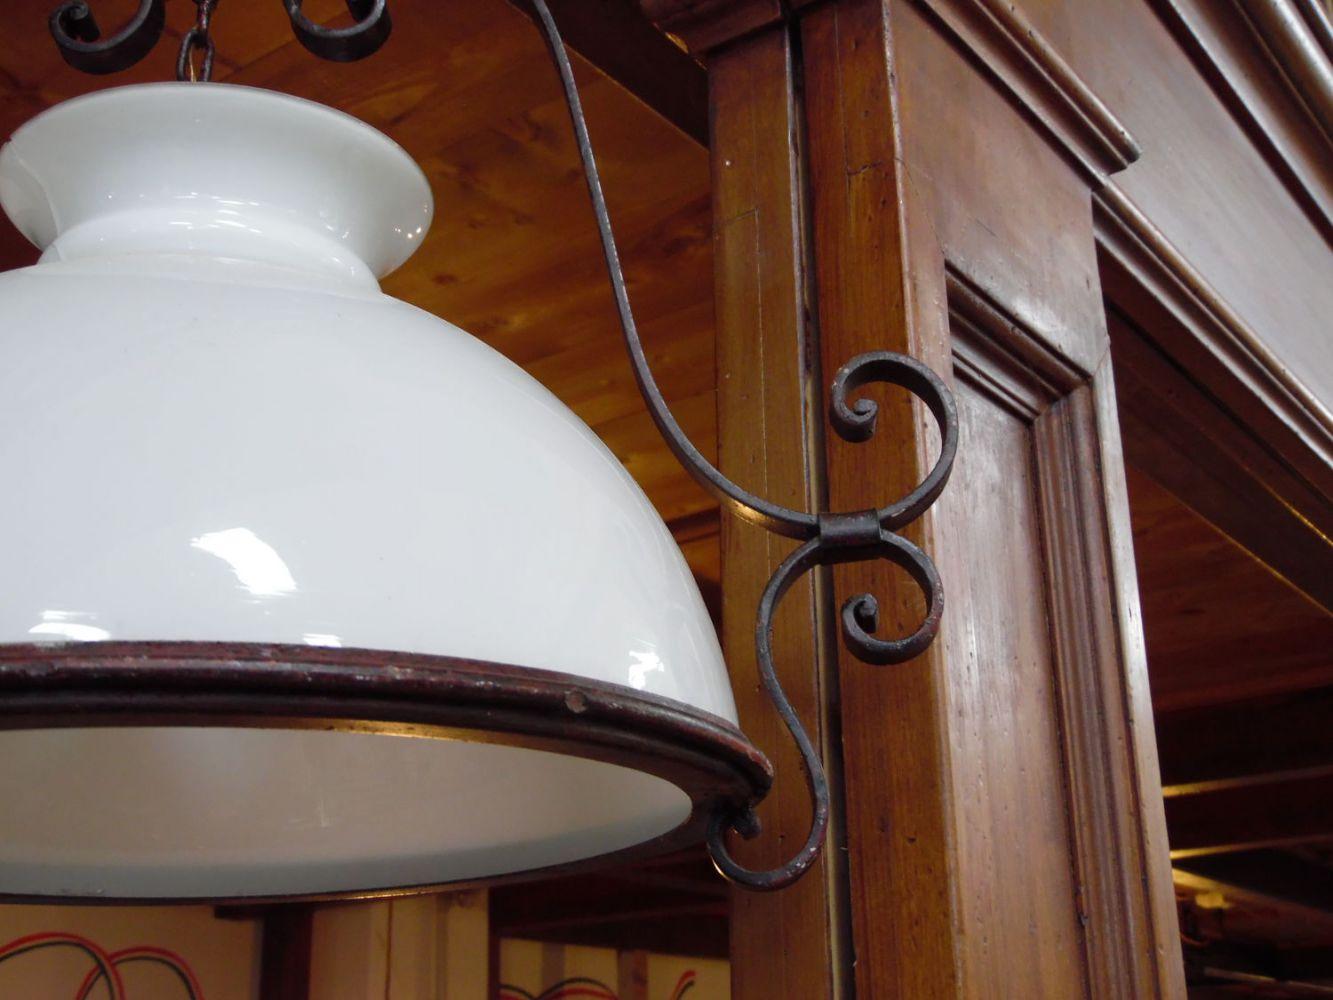 Lampadari fai da te per case, uffici, bar, ristoranti(ottone antico). Lampadario In Ceramica E Ferro Battuto Dettaglio Prodotto Lacole Casa Italiana